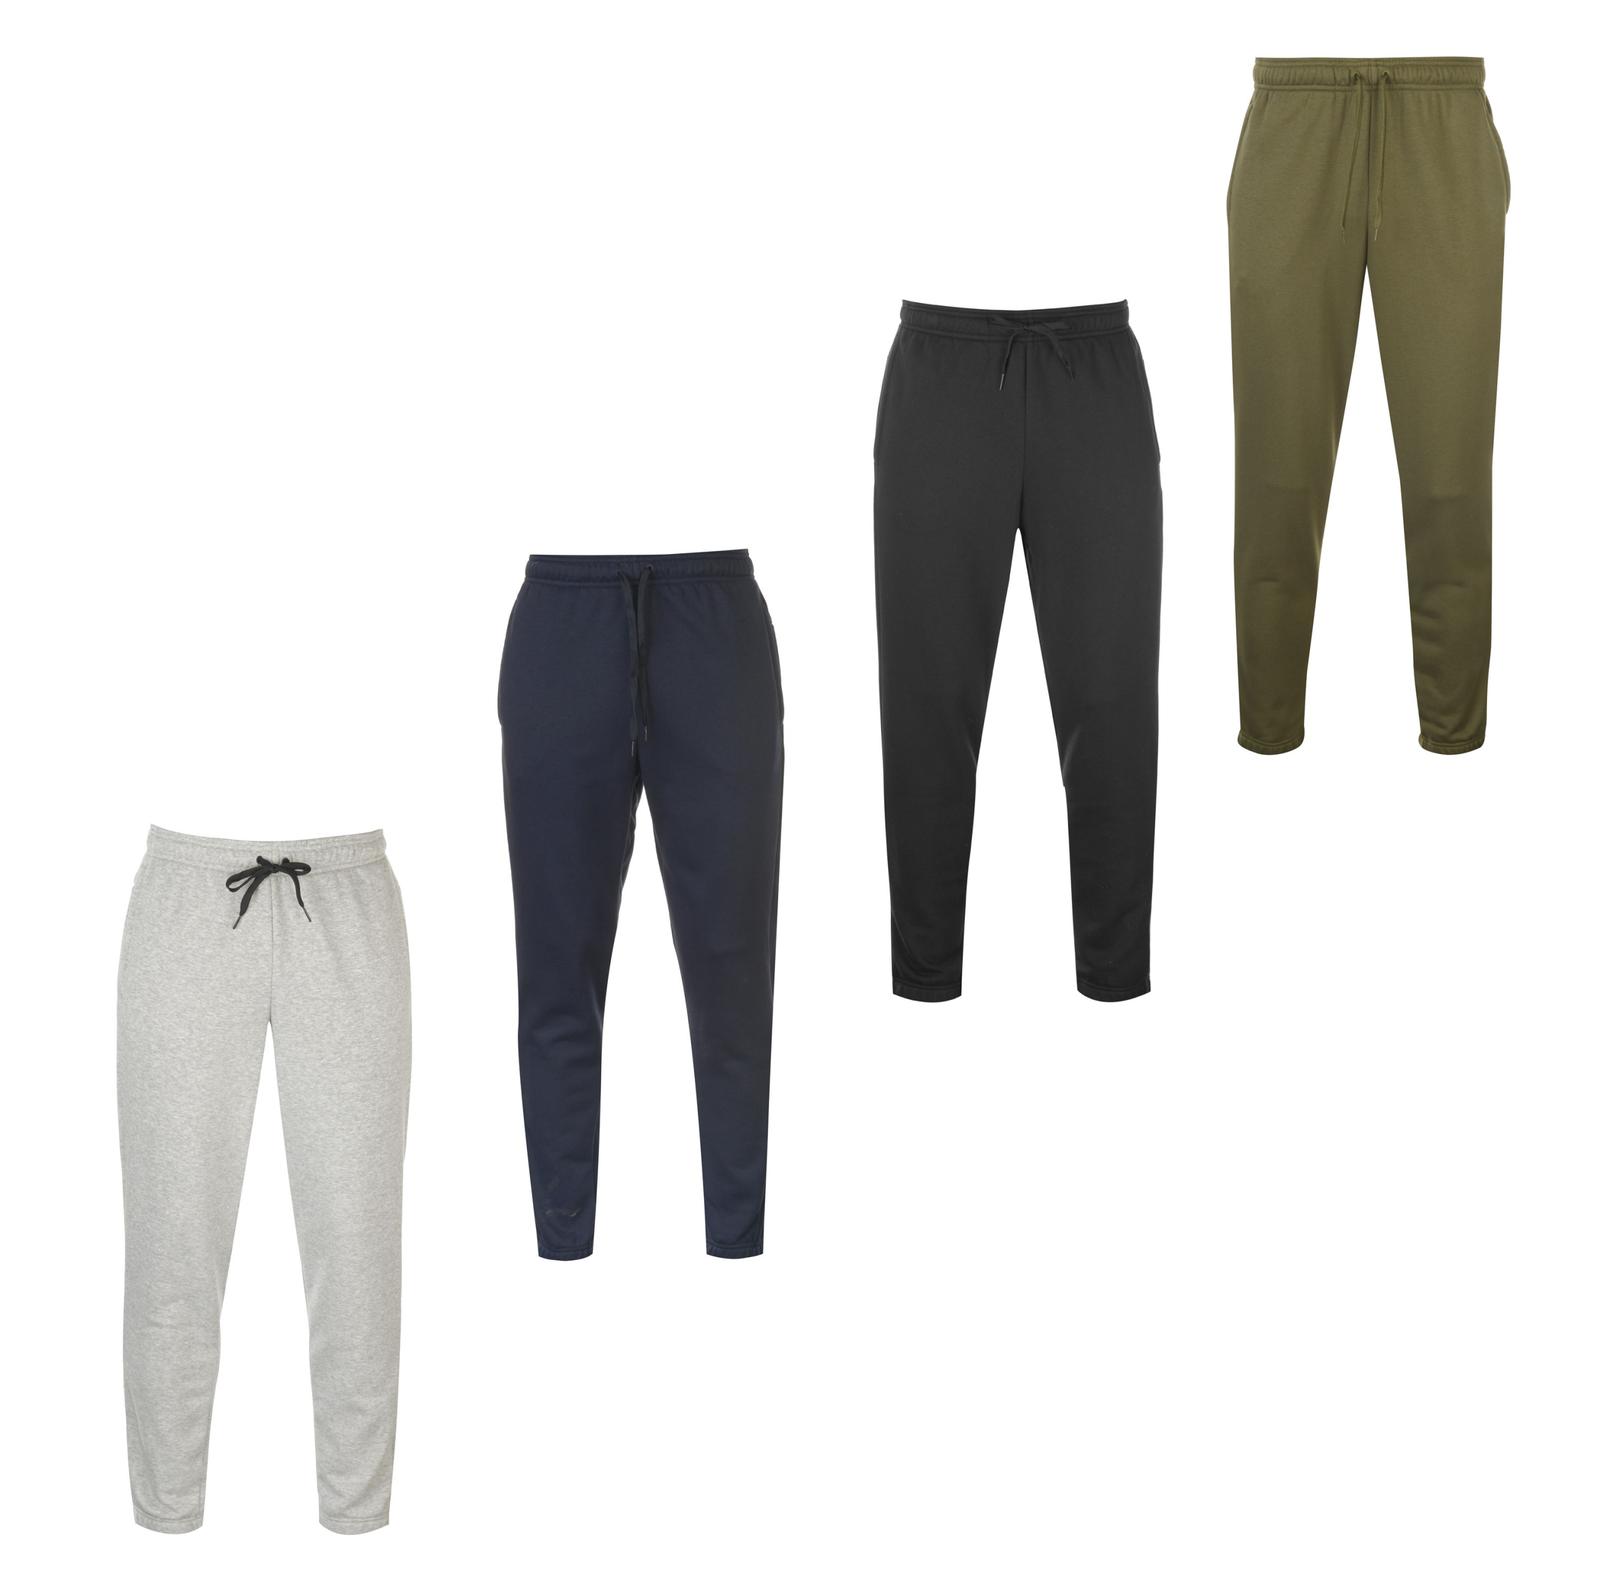 ADIDAS LINEAR tuttienamento Pantaloni Uomo Jogging Pantaloni Pantaloni Sportivi Jogging Fitness 3012